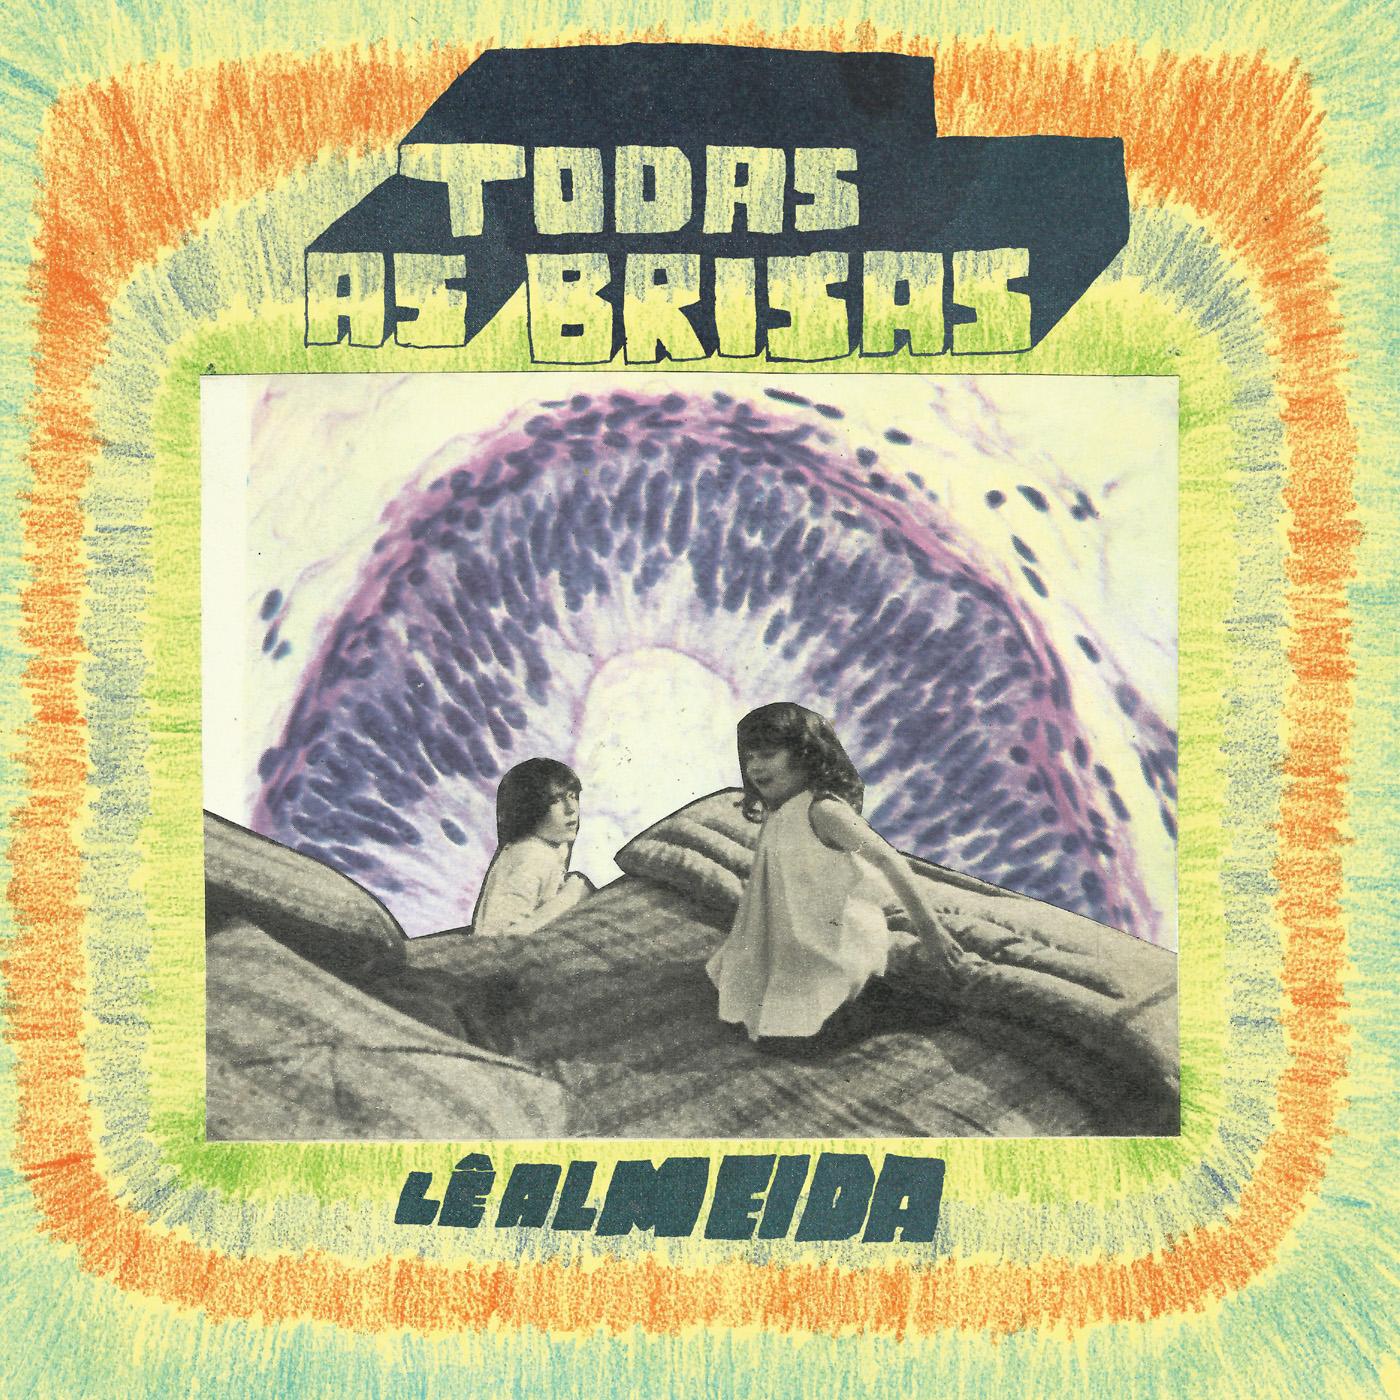 Le Almeida - Todas as Brisas LP - $10